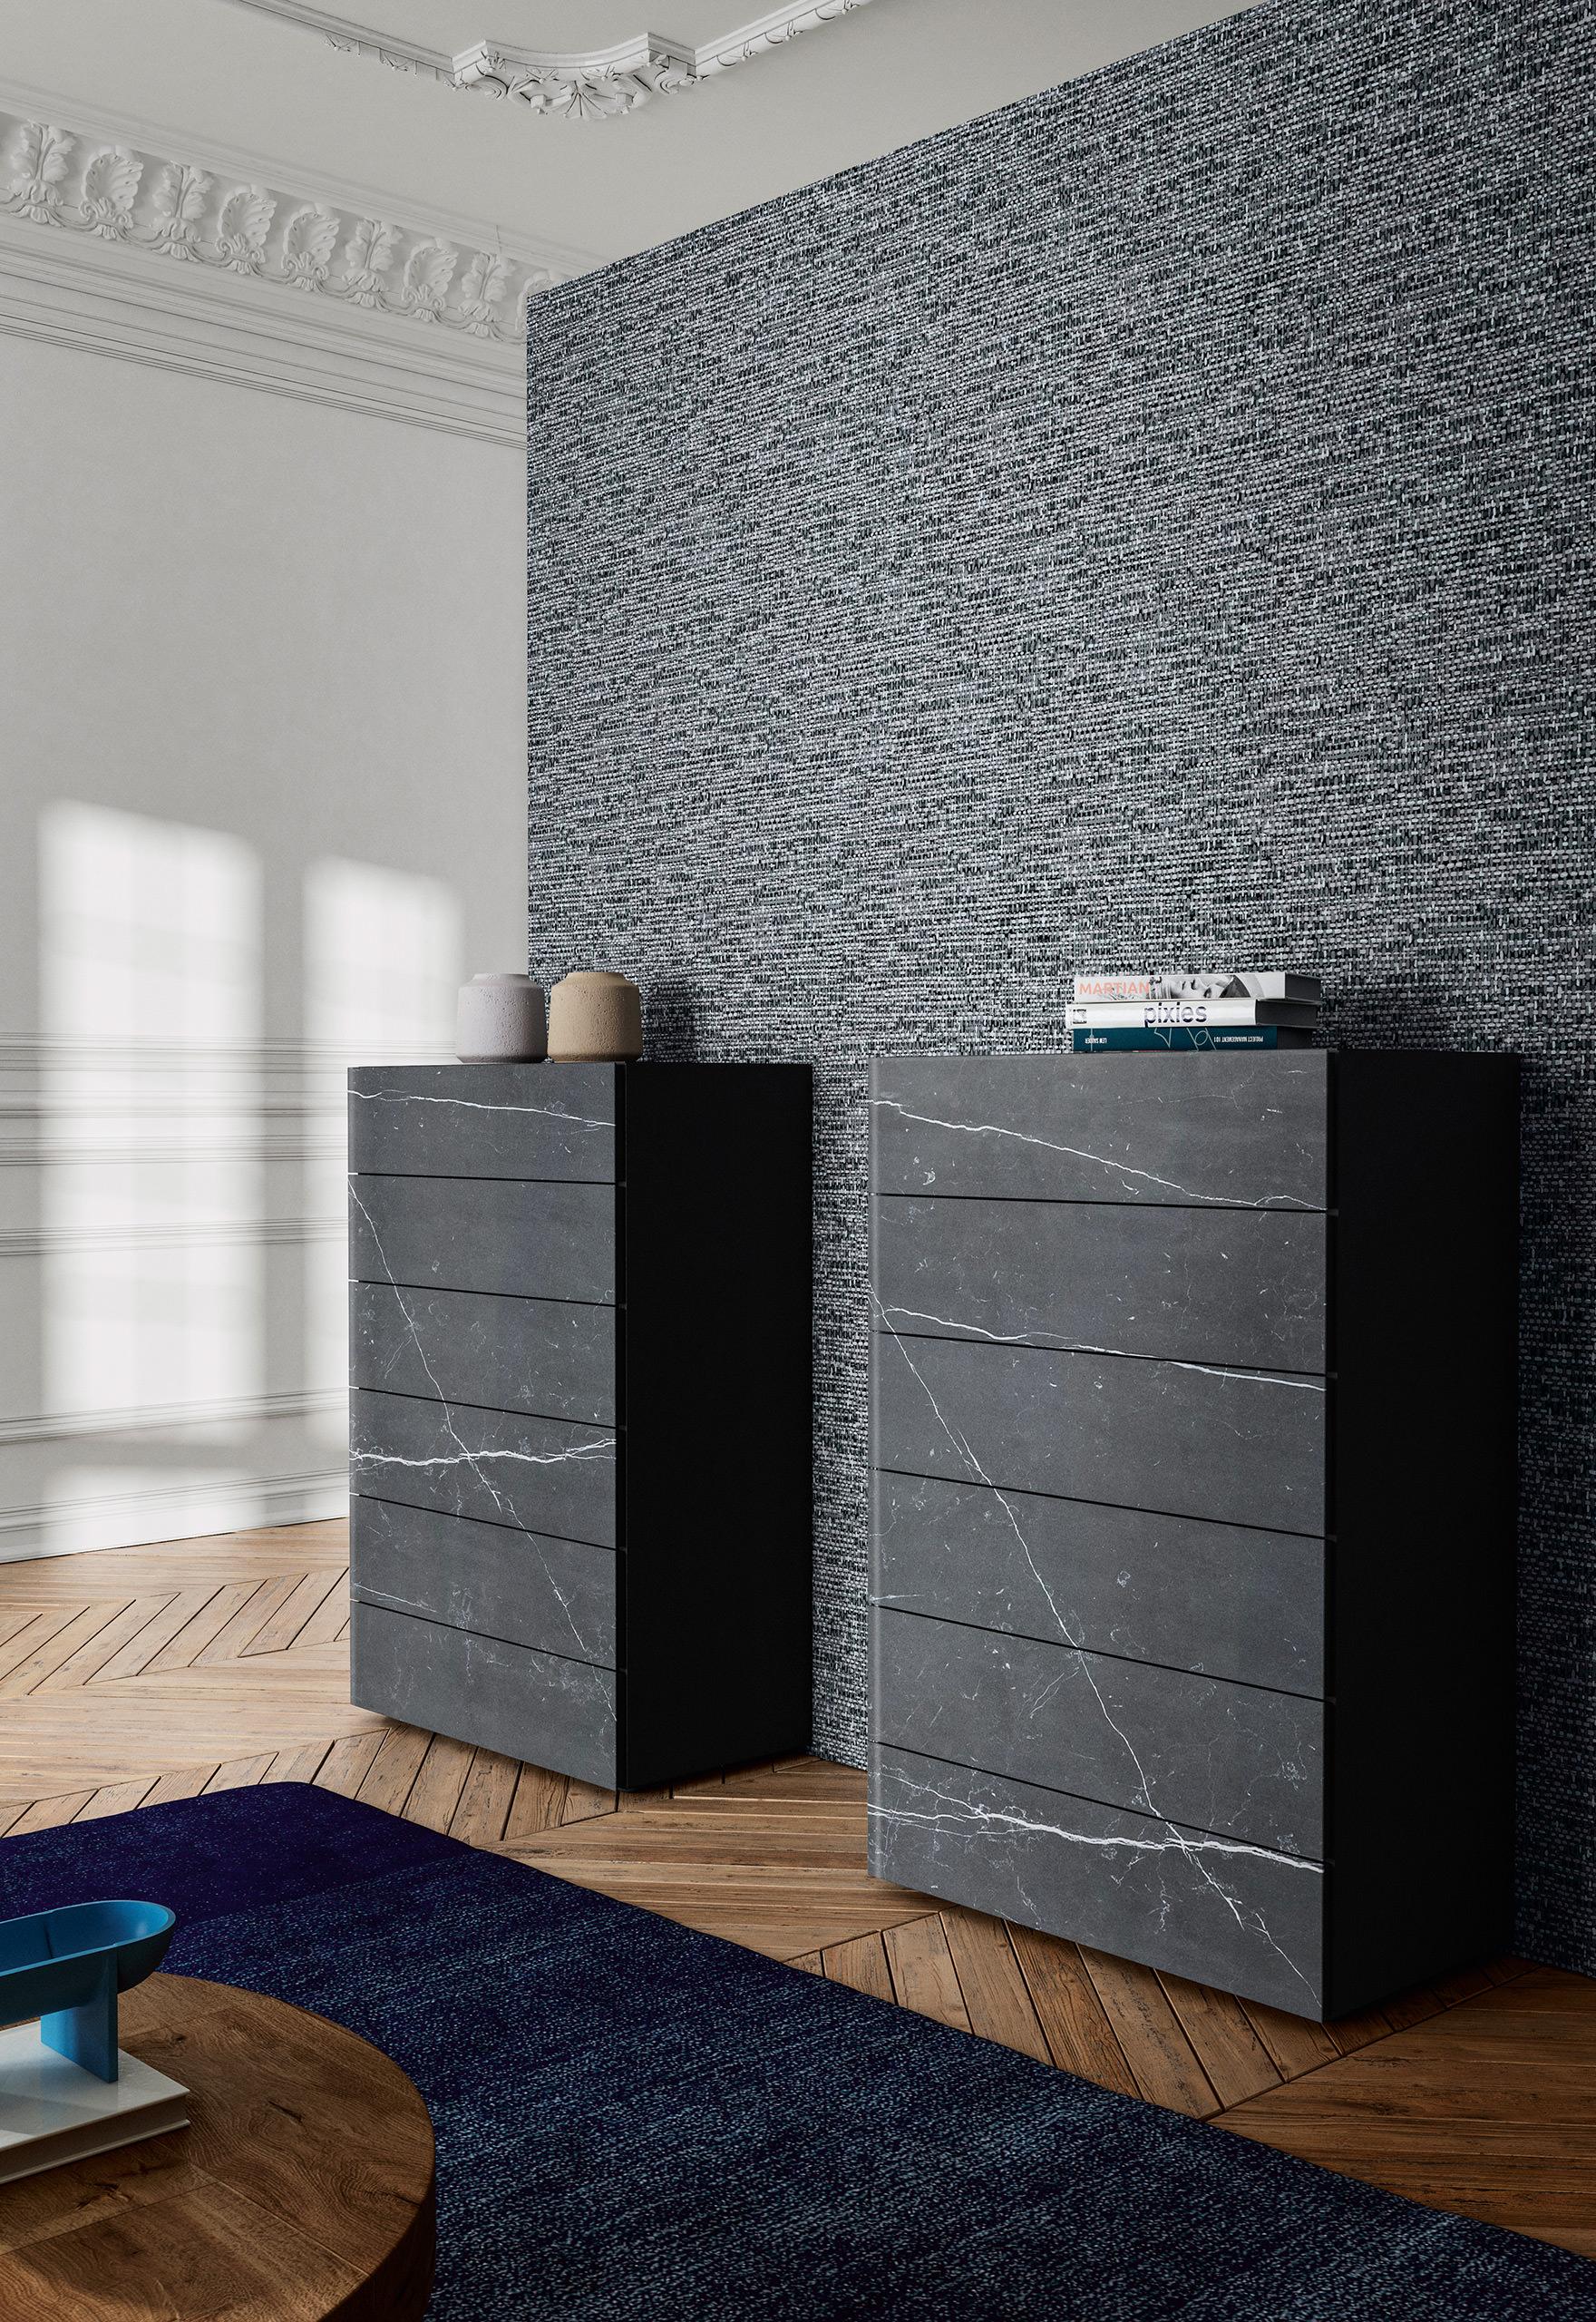 Rendering arredamento camera LAGO cassettiere marmo nero